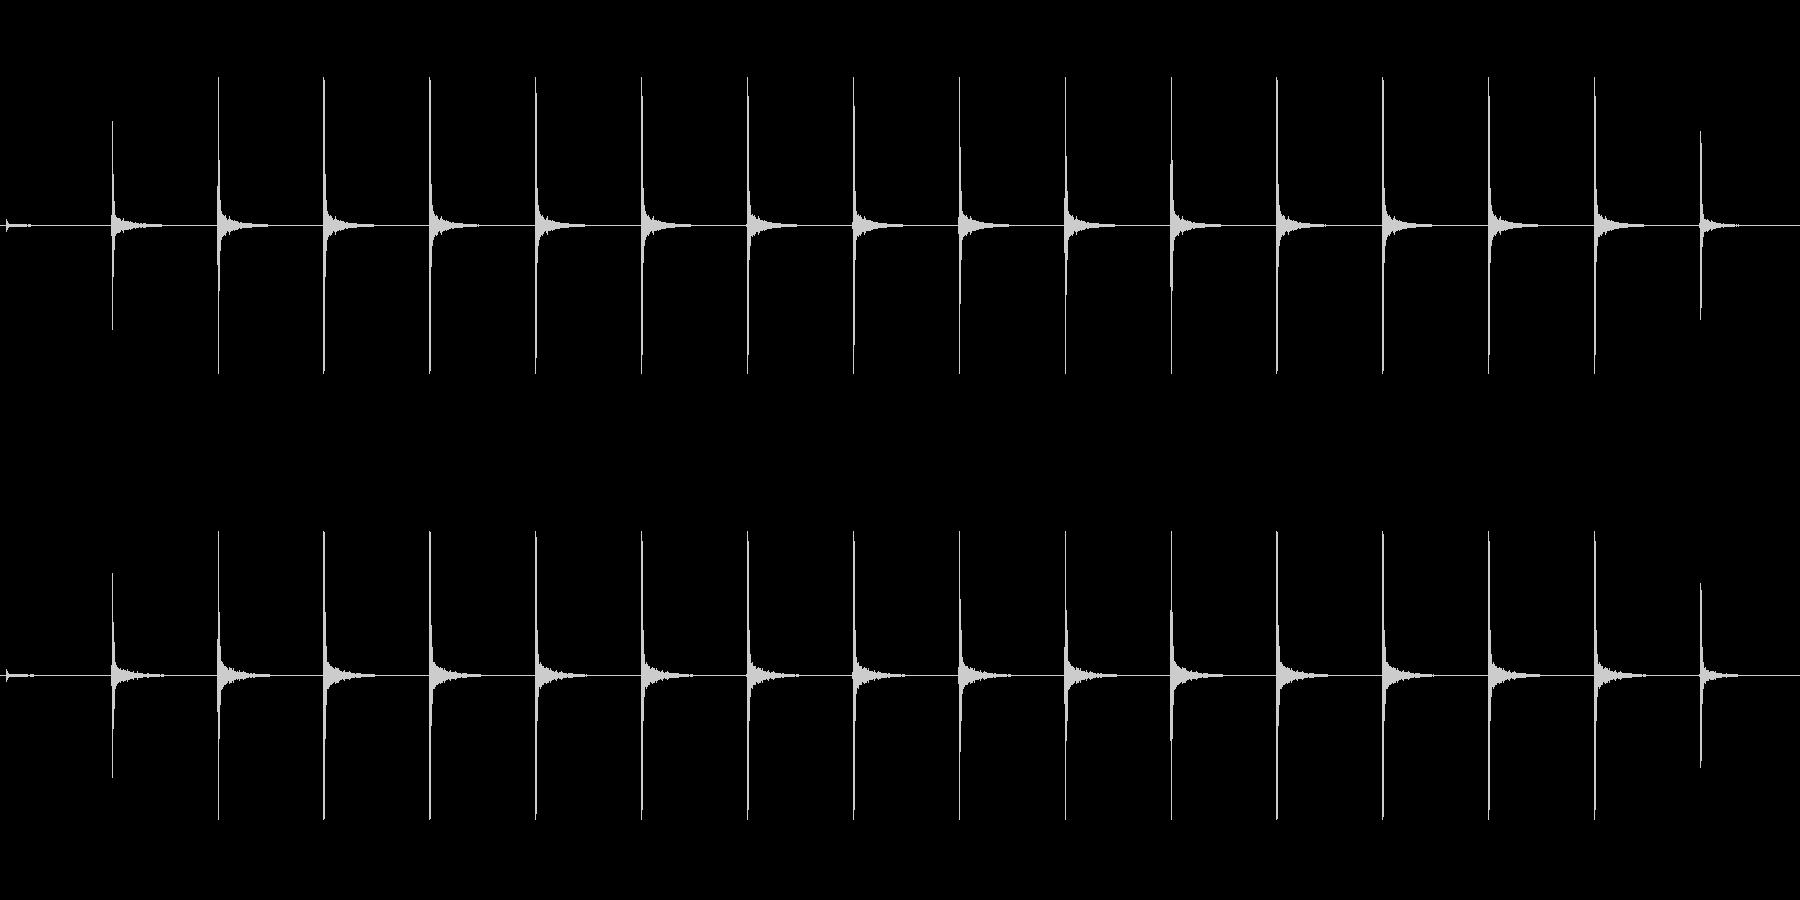 時計 ticktock_44-4_revの未再生の波形